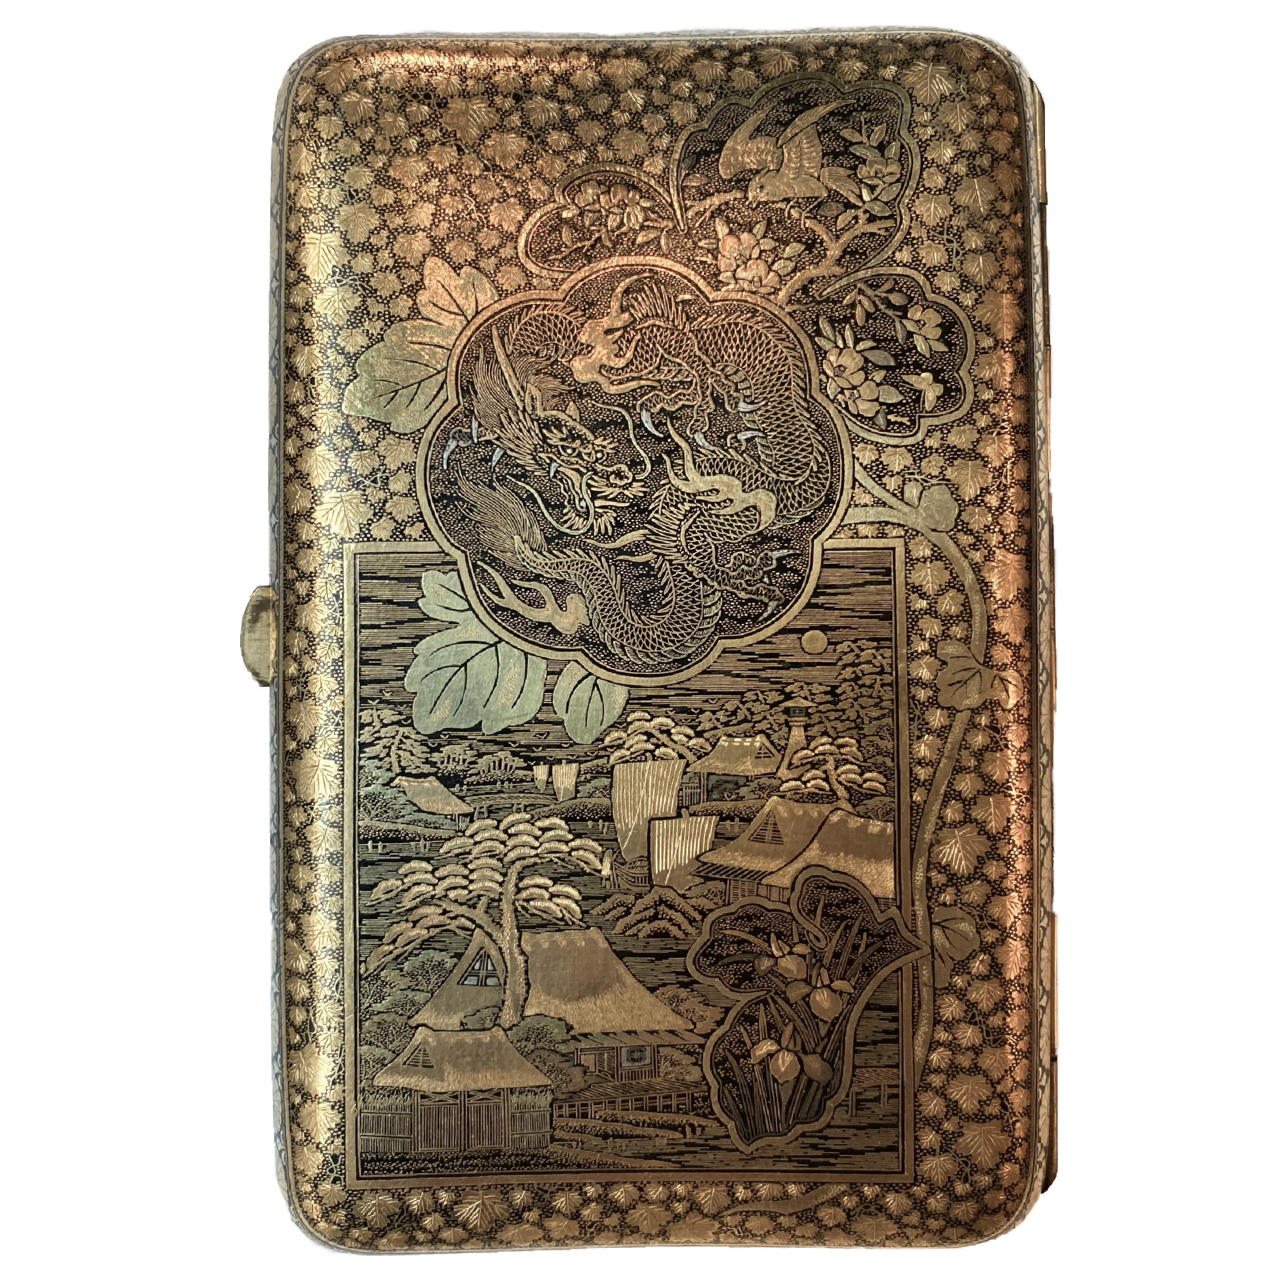 Japon, Spectaculaire étui à cigars,  Komai, époque Meiji.